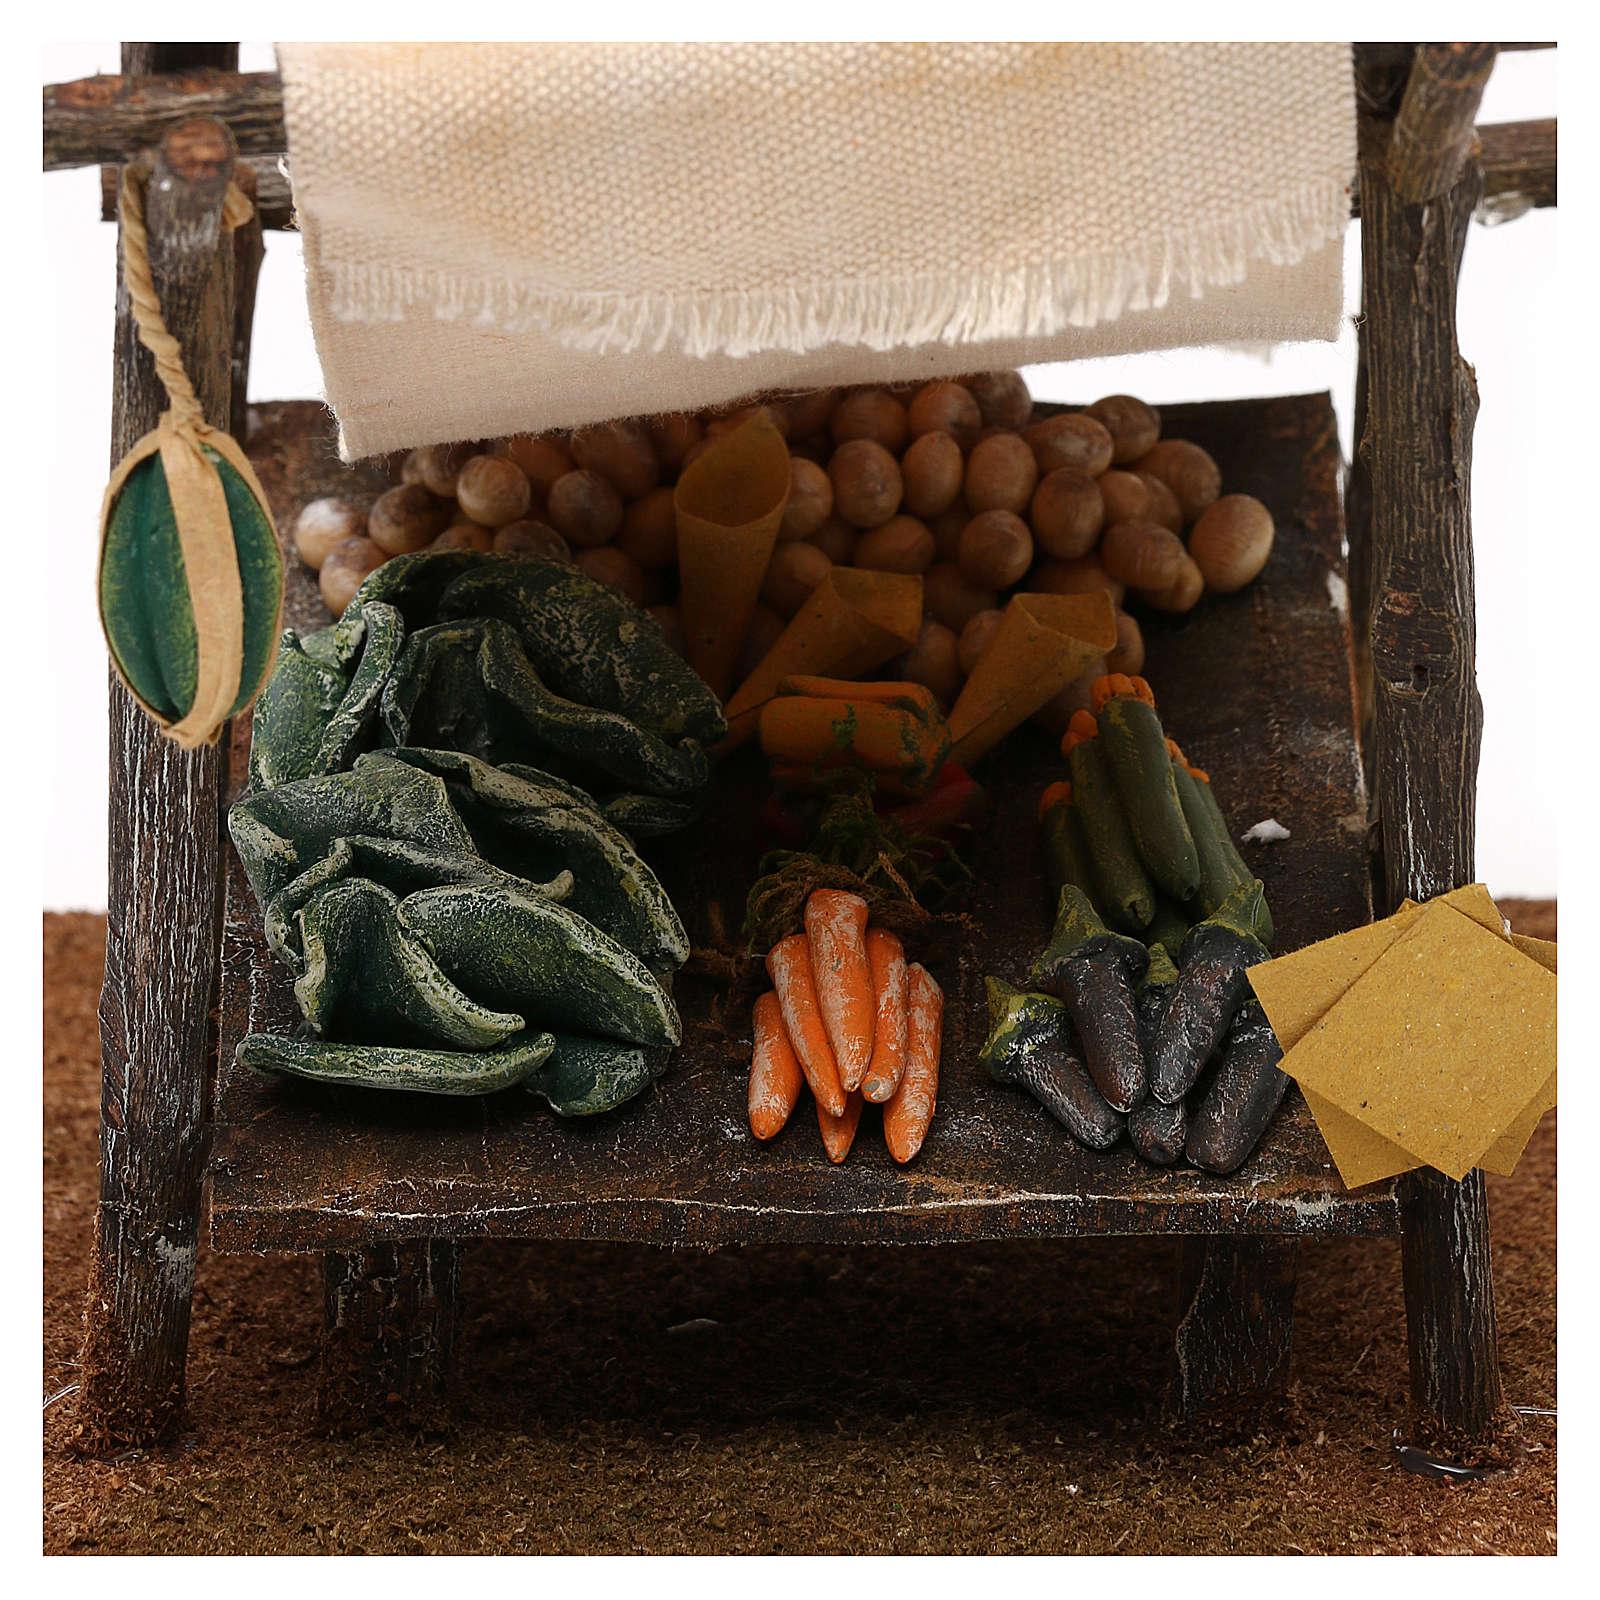 Banco fruttivendolo con tenda presepe 12 cm 15x20x20 cm 4